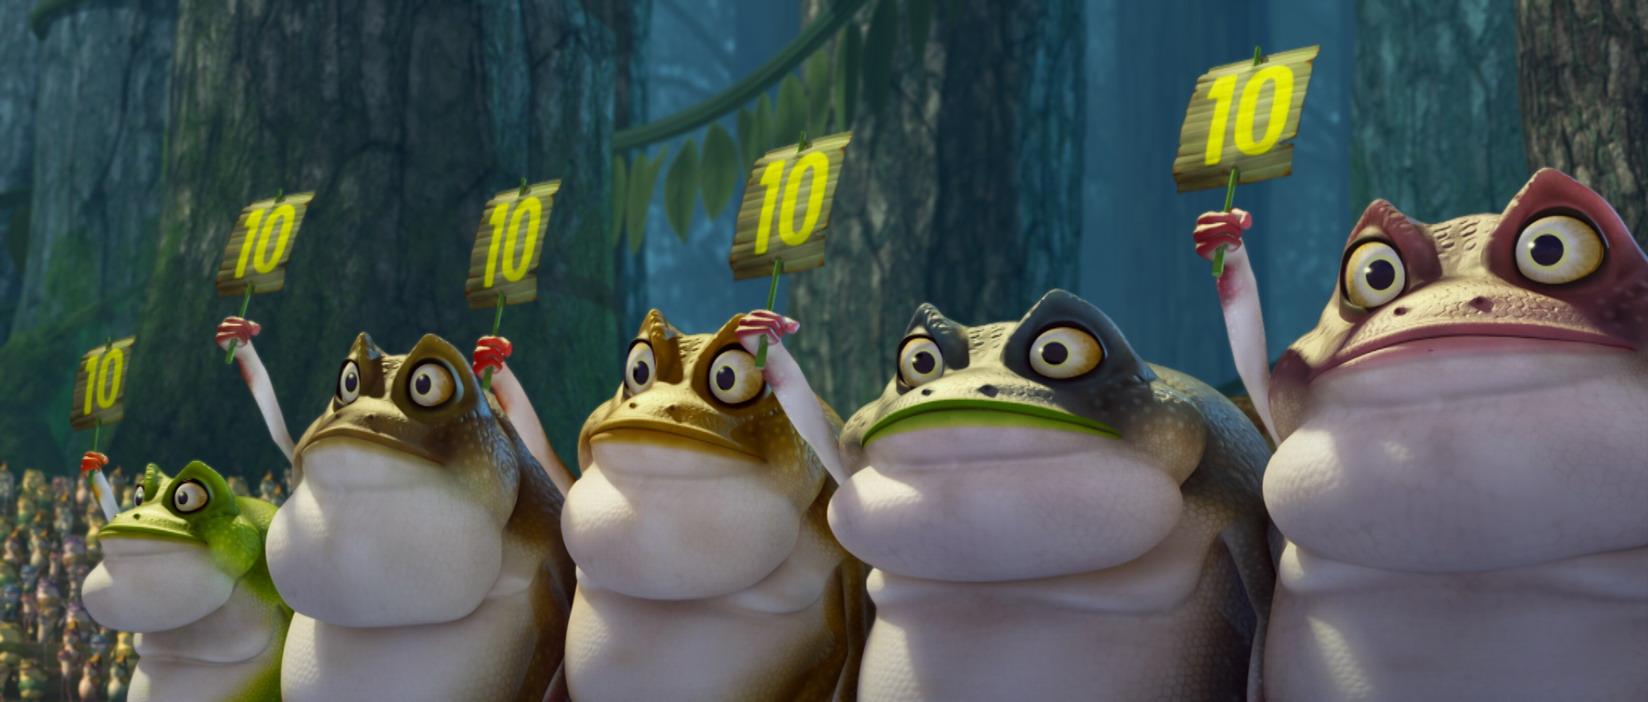 青蛙王国 中国动画电影抢镜 专家冀中国元素更有看头